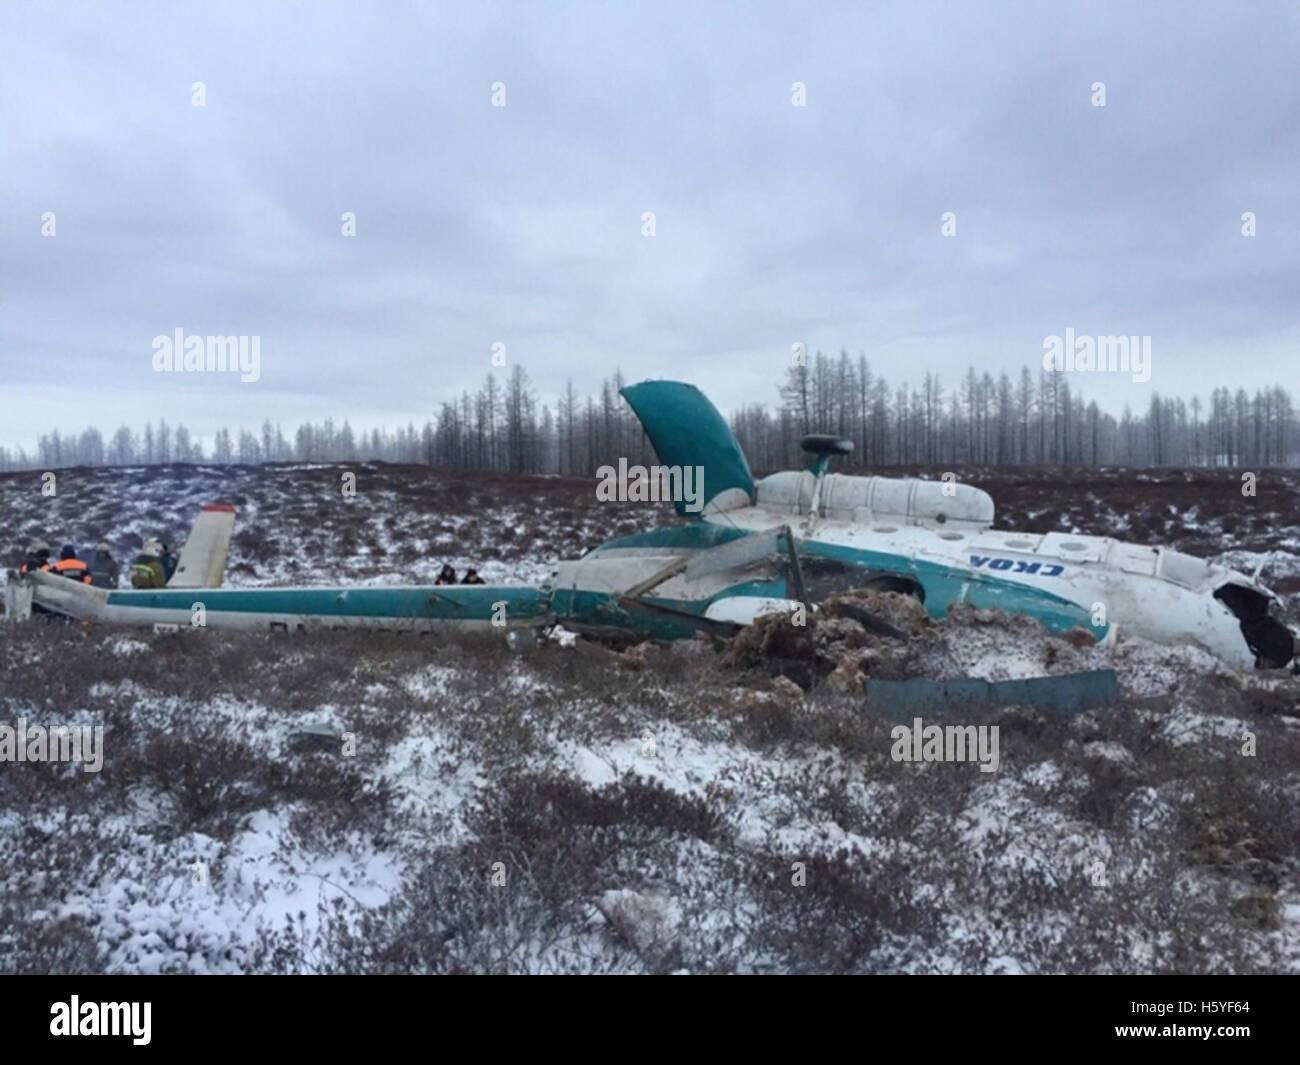 Yamalo nenet zona autónoma, Rusia. 22 Oct, 2016. Una vista del Mil Mi-8 accidente de helicóptero en el sitio. Según Foto de stock